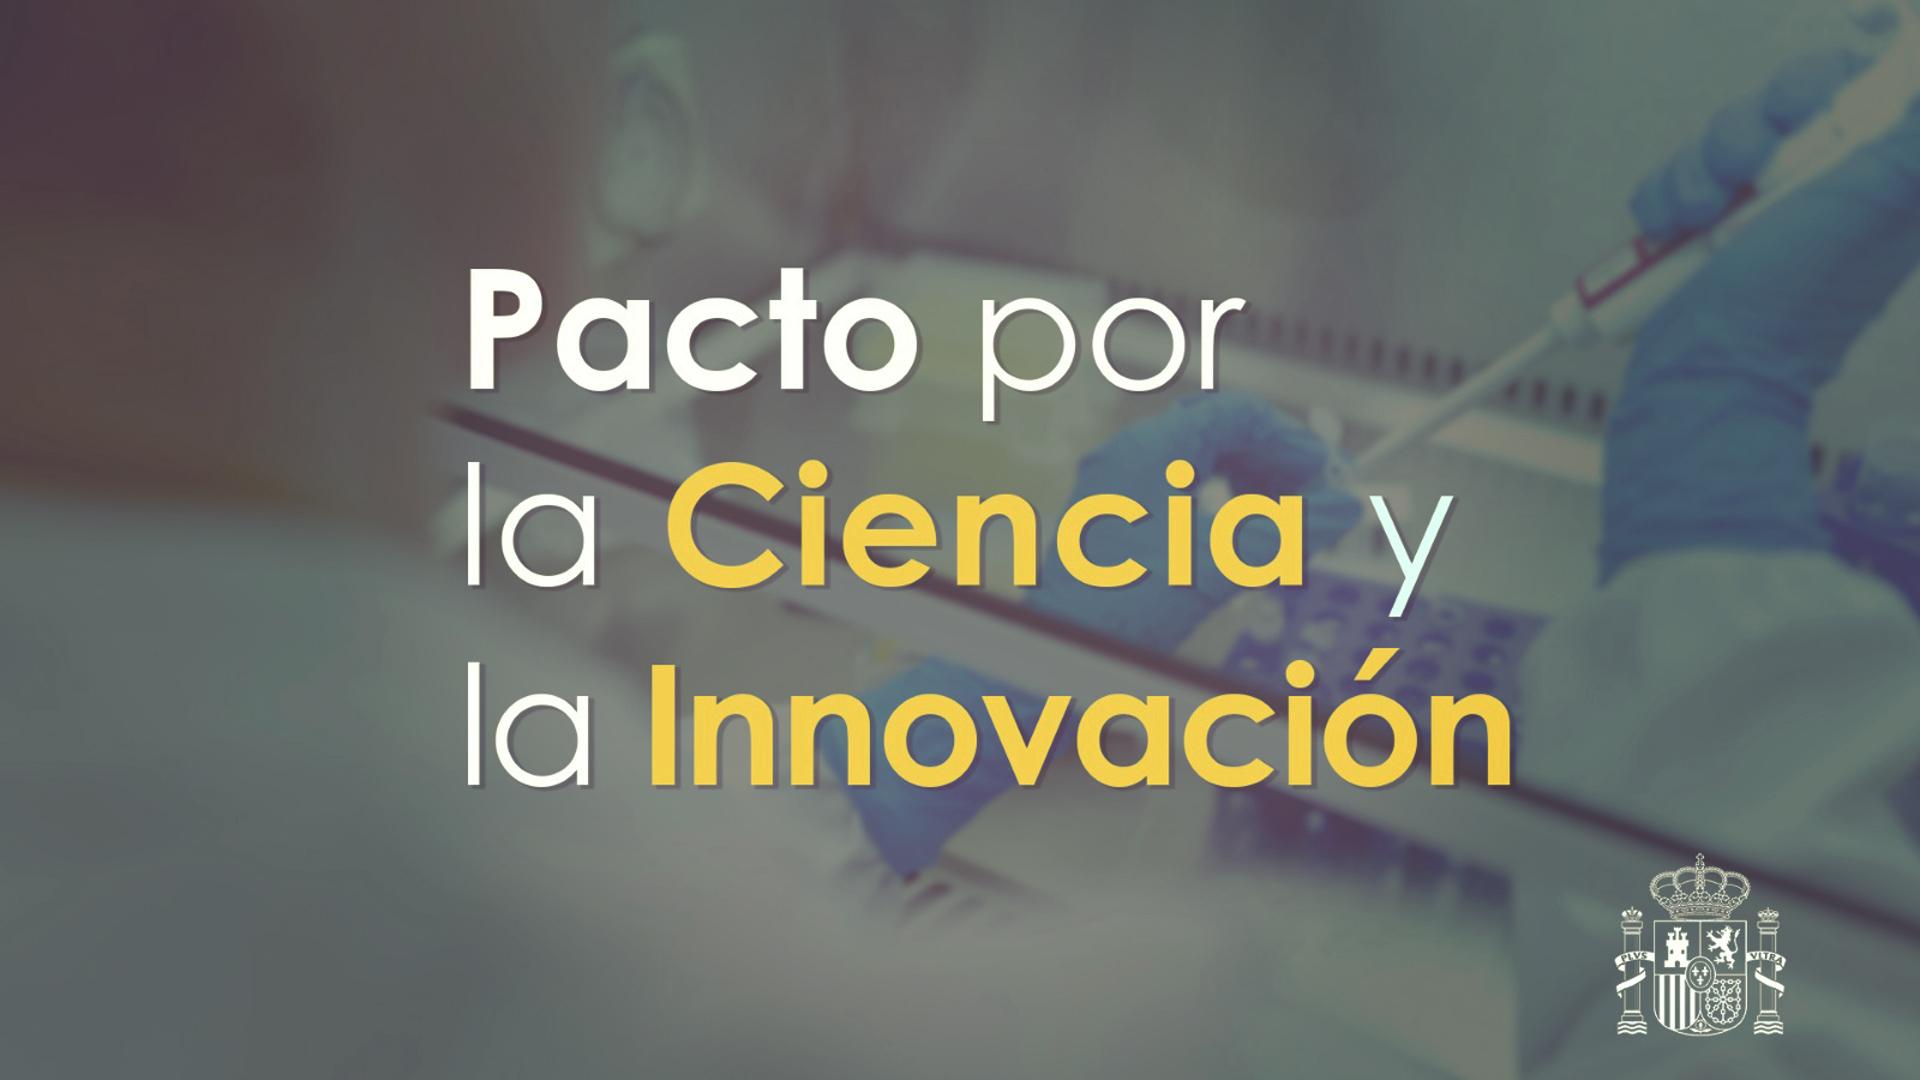 CRE100DO se suma al Pacto por la Ciencia y la Innovación